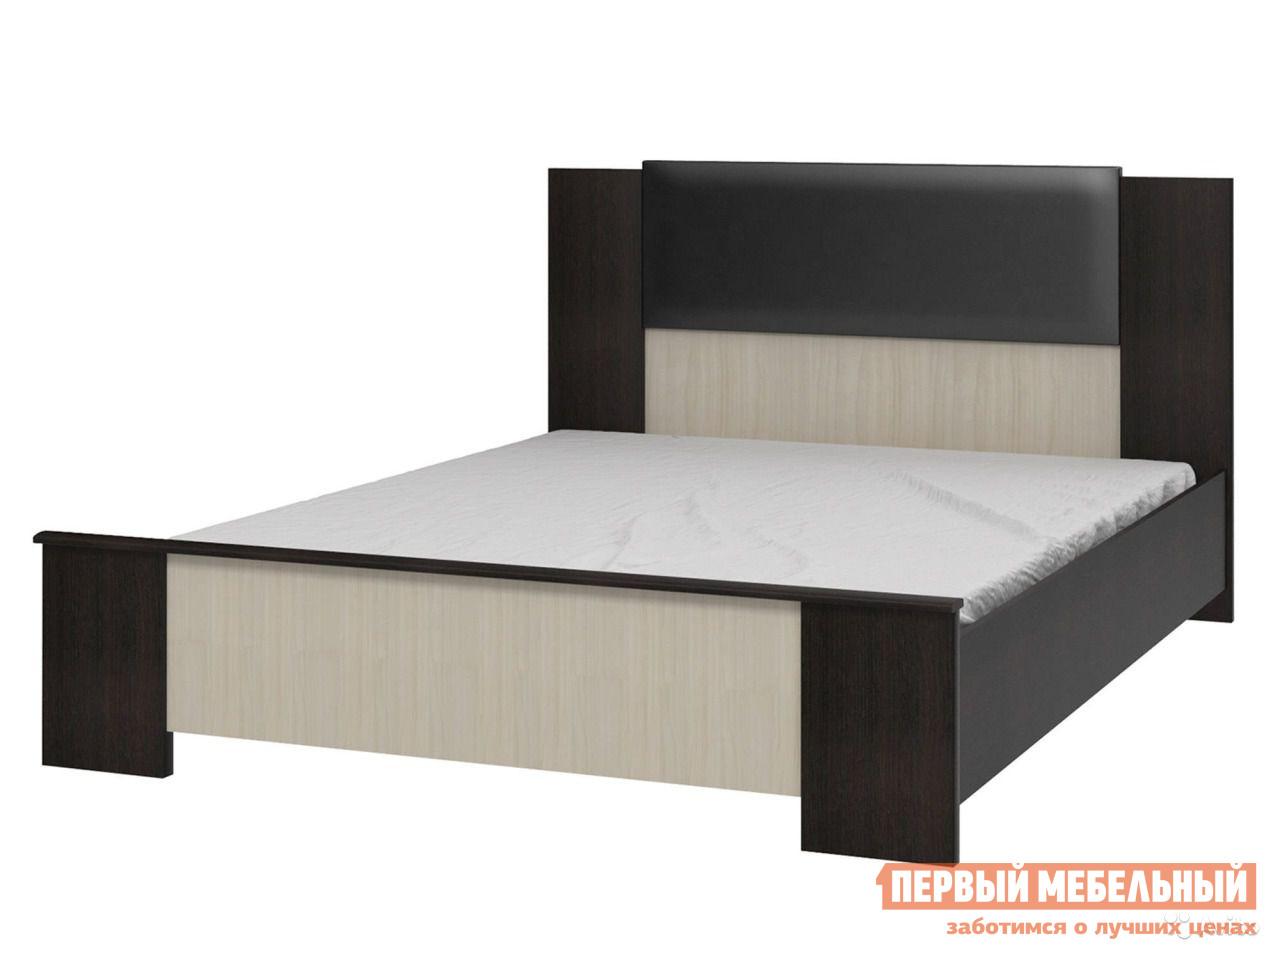 Двуспальная кровать СтолЛайн СТЛ.004.10-01 кровать 120х200 гриф стл 063 15 01